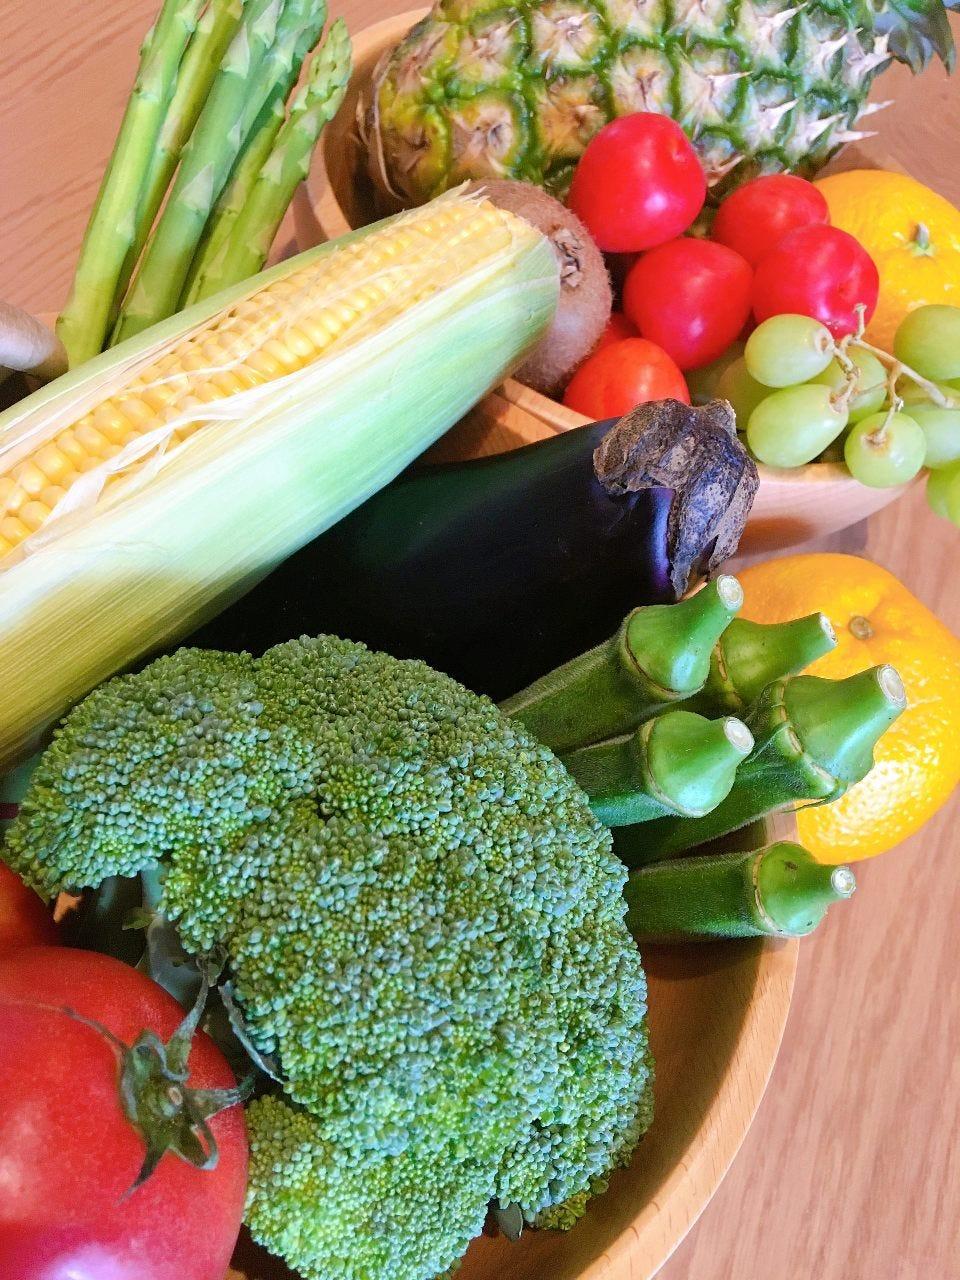 愛媛県内産の野菜にこだわる